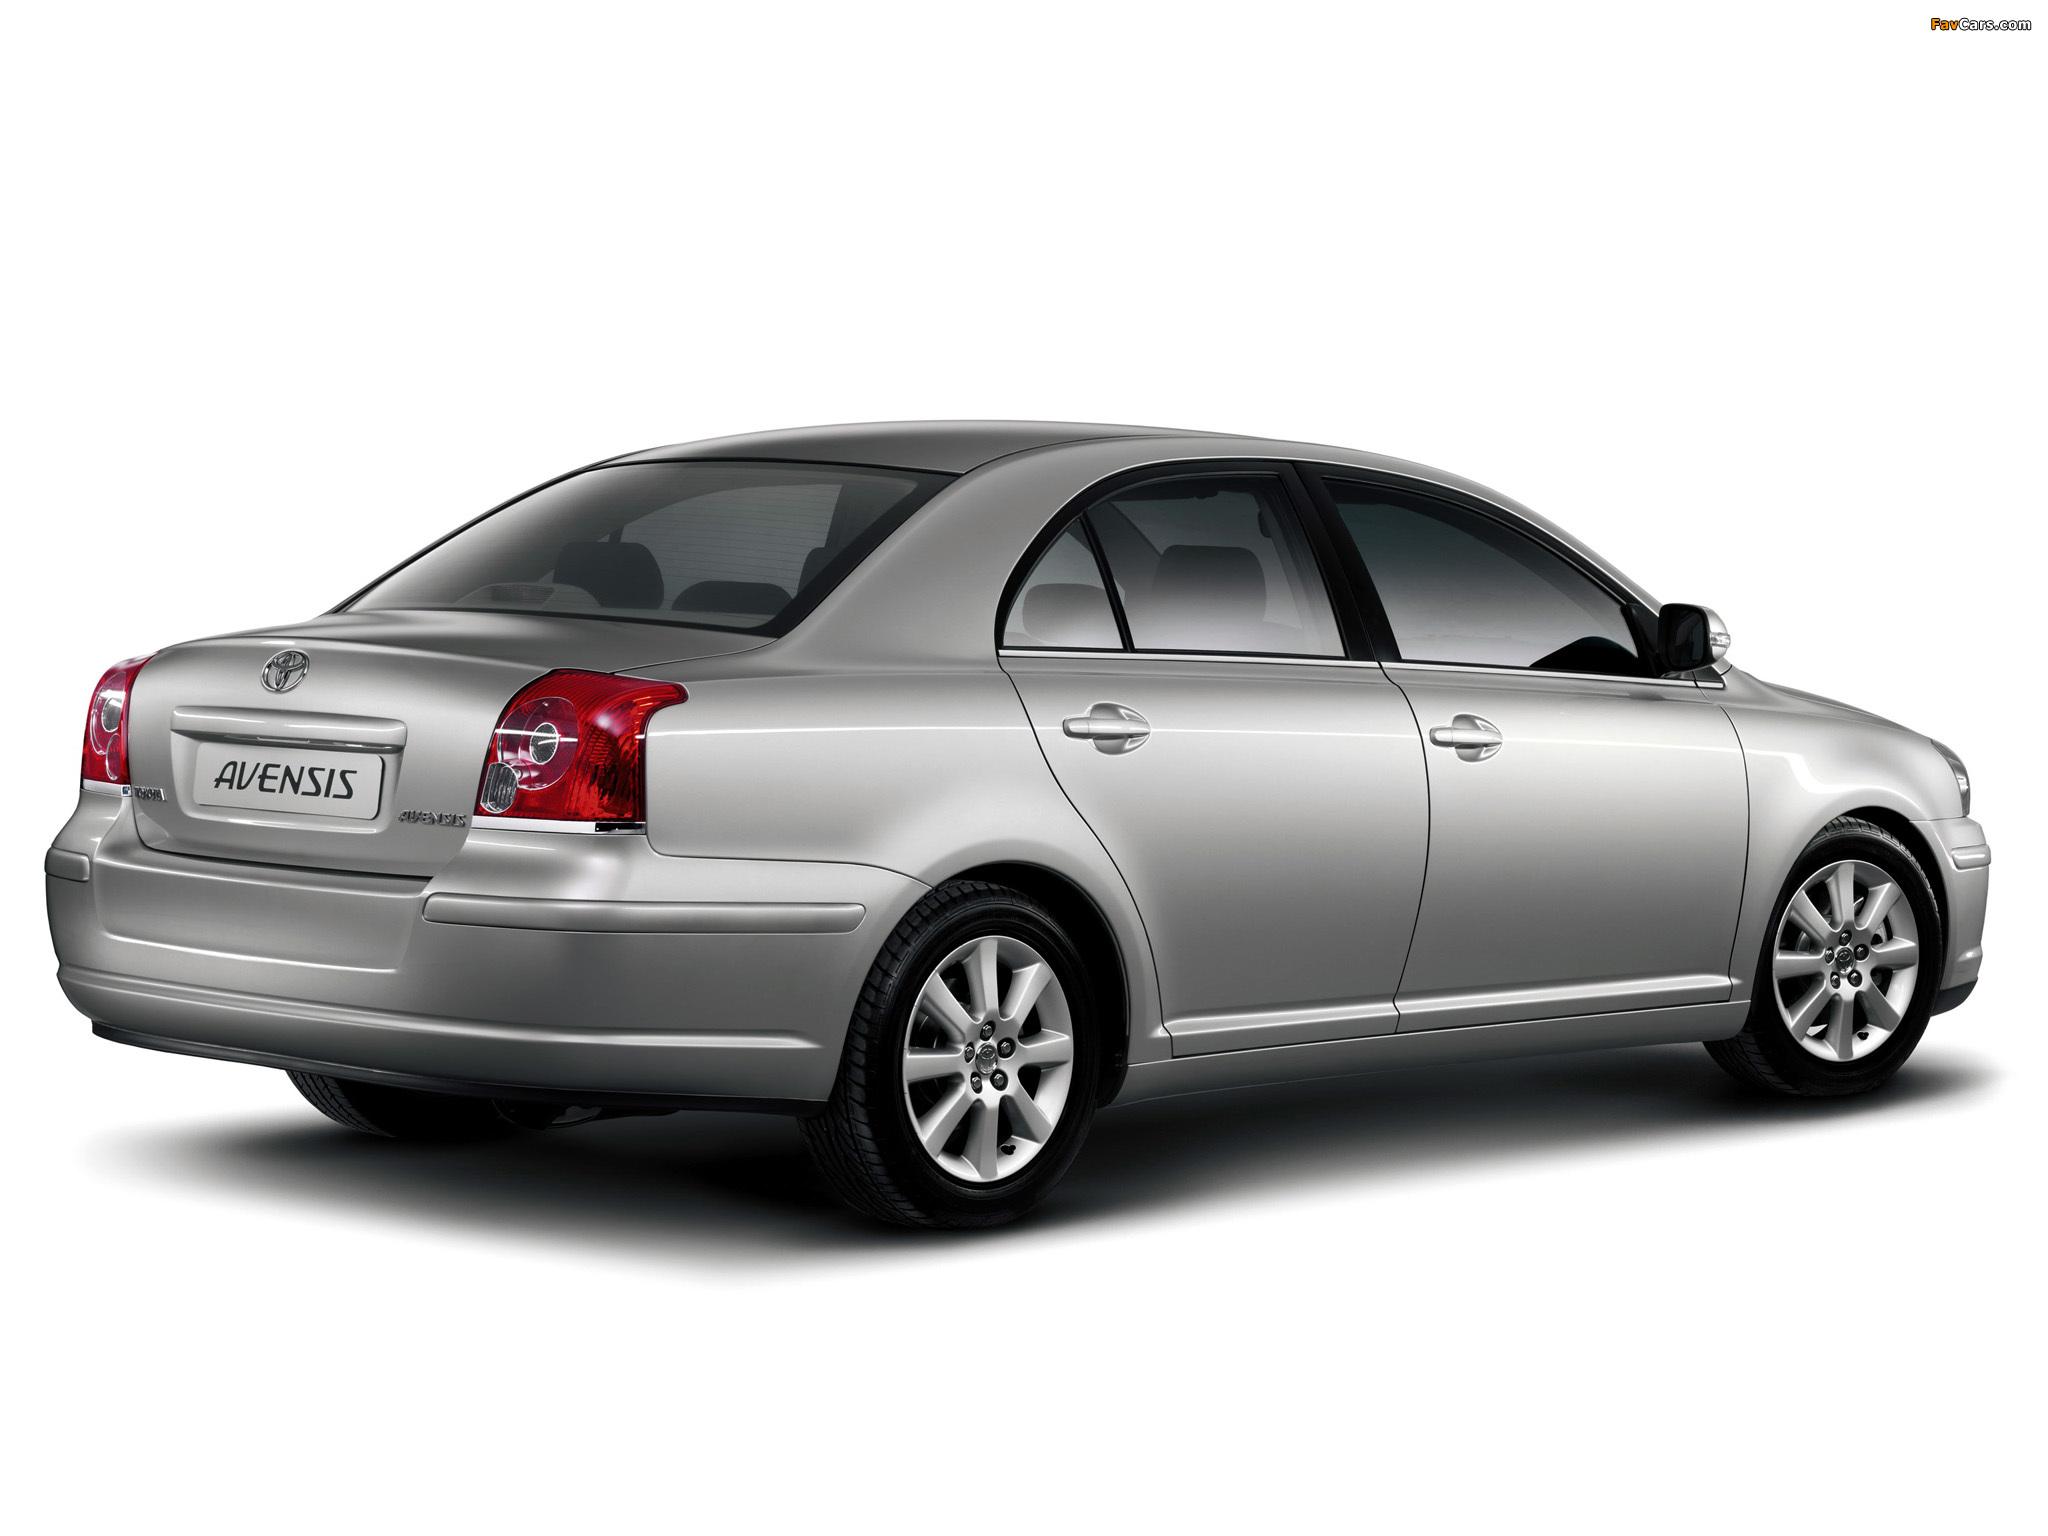 Toyota Авенсис описание #11